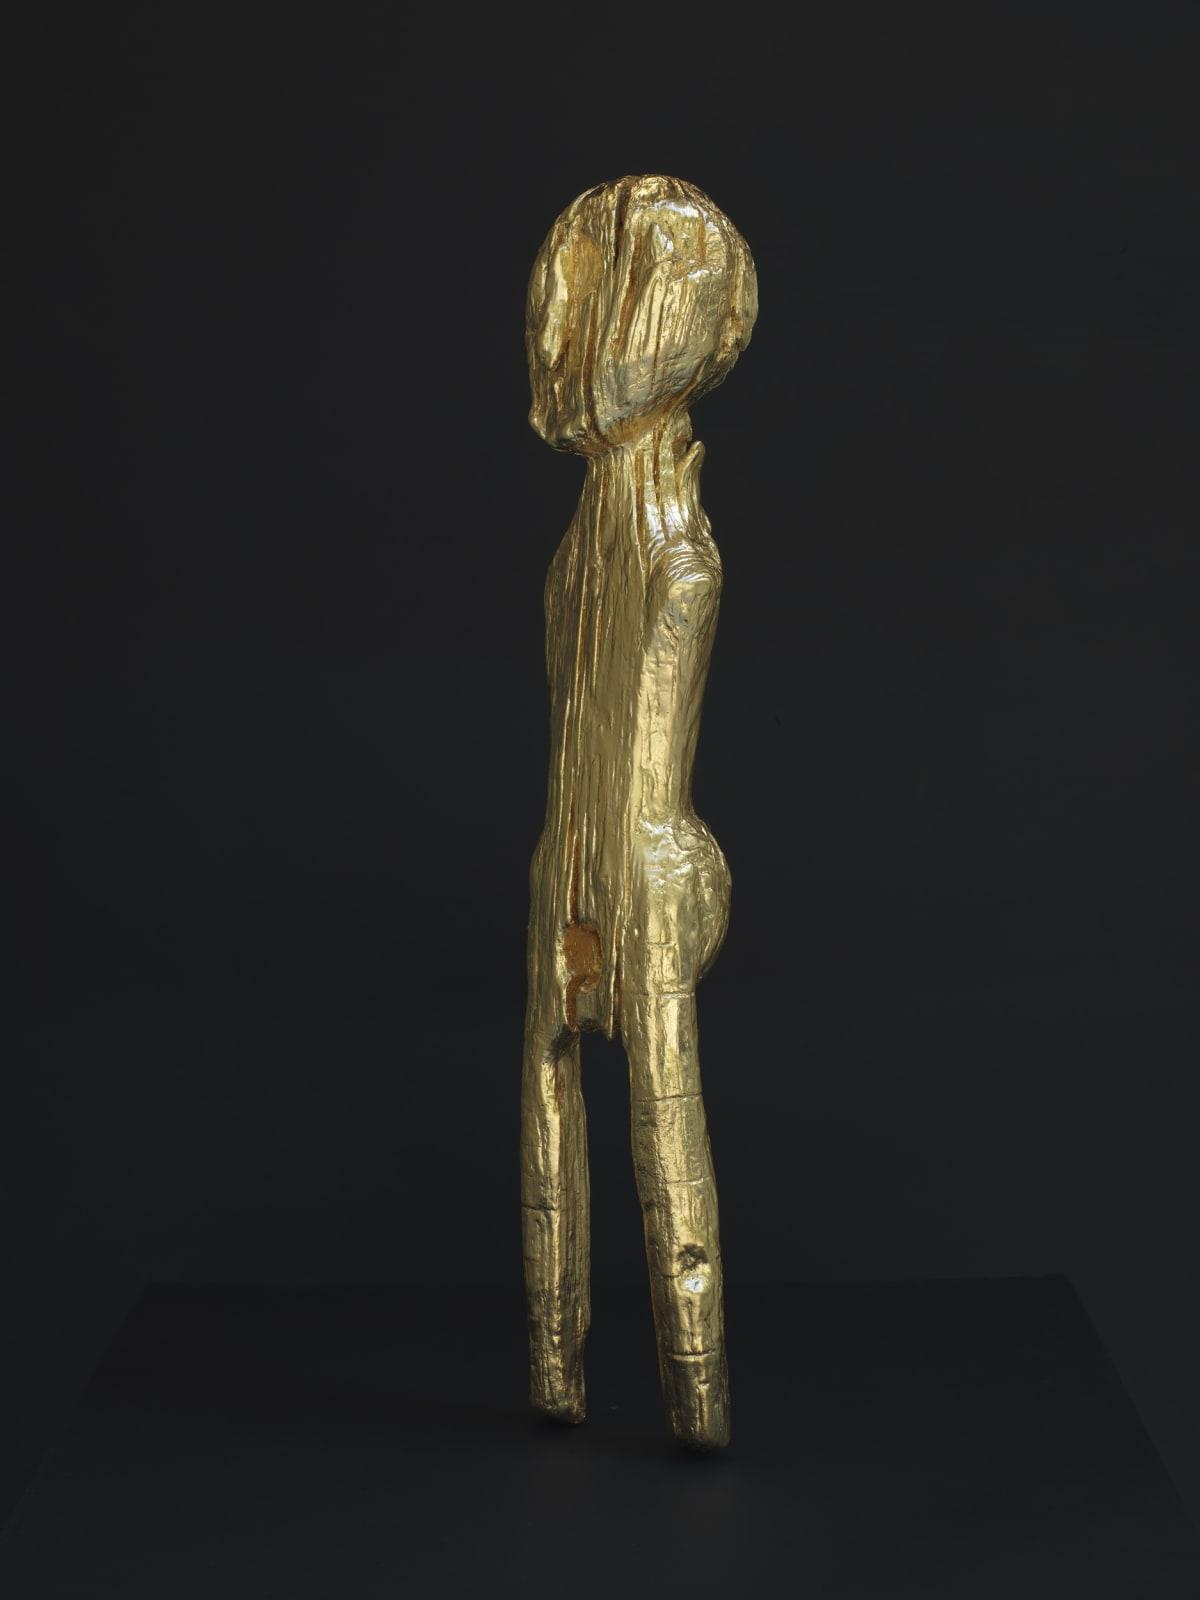 Essex Idol, 2021, bronze, 24ct gold, 47.5 x 9 x 5 cm, unique